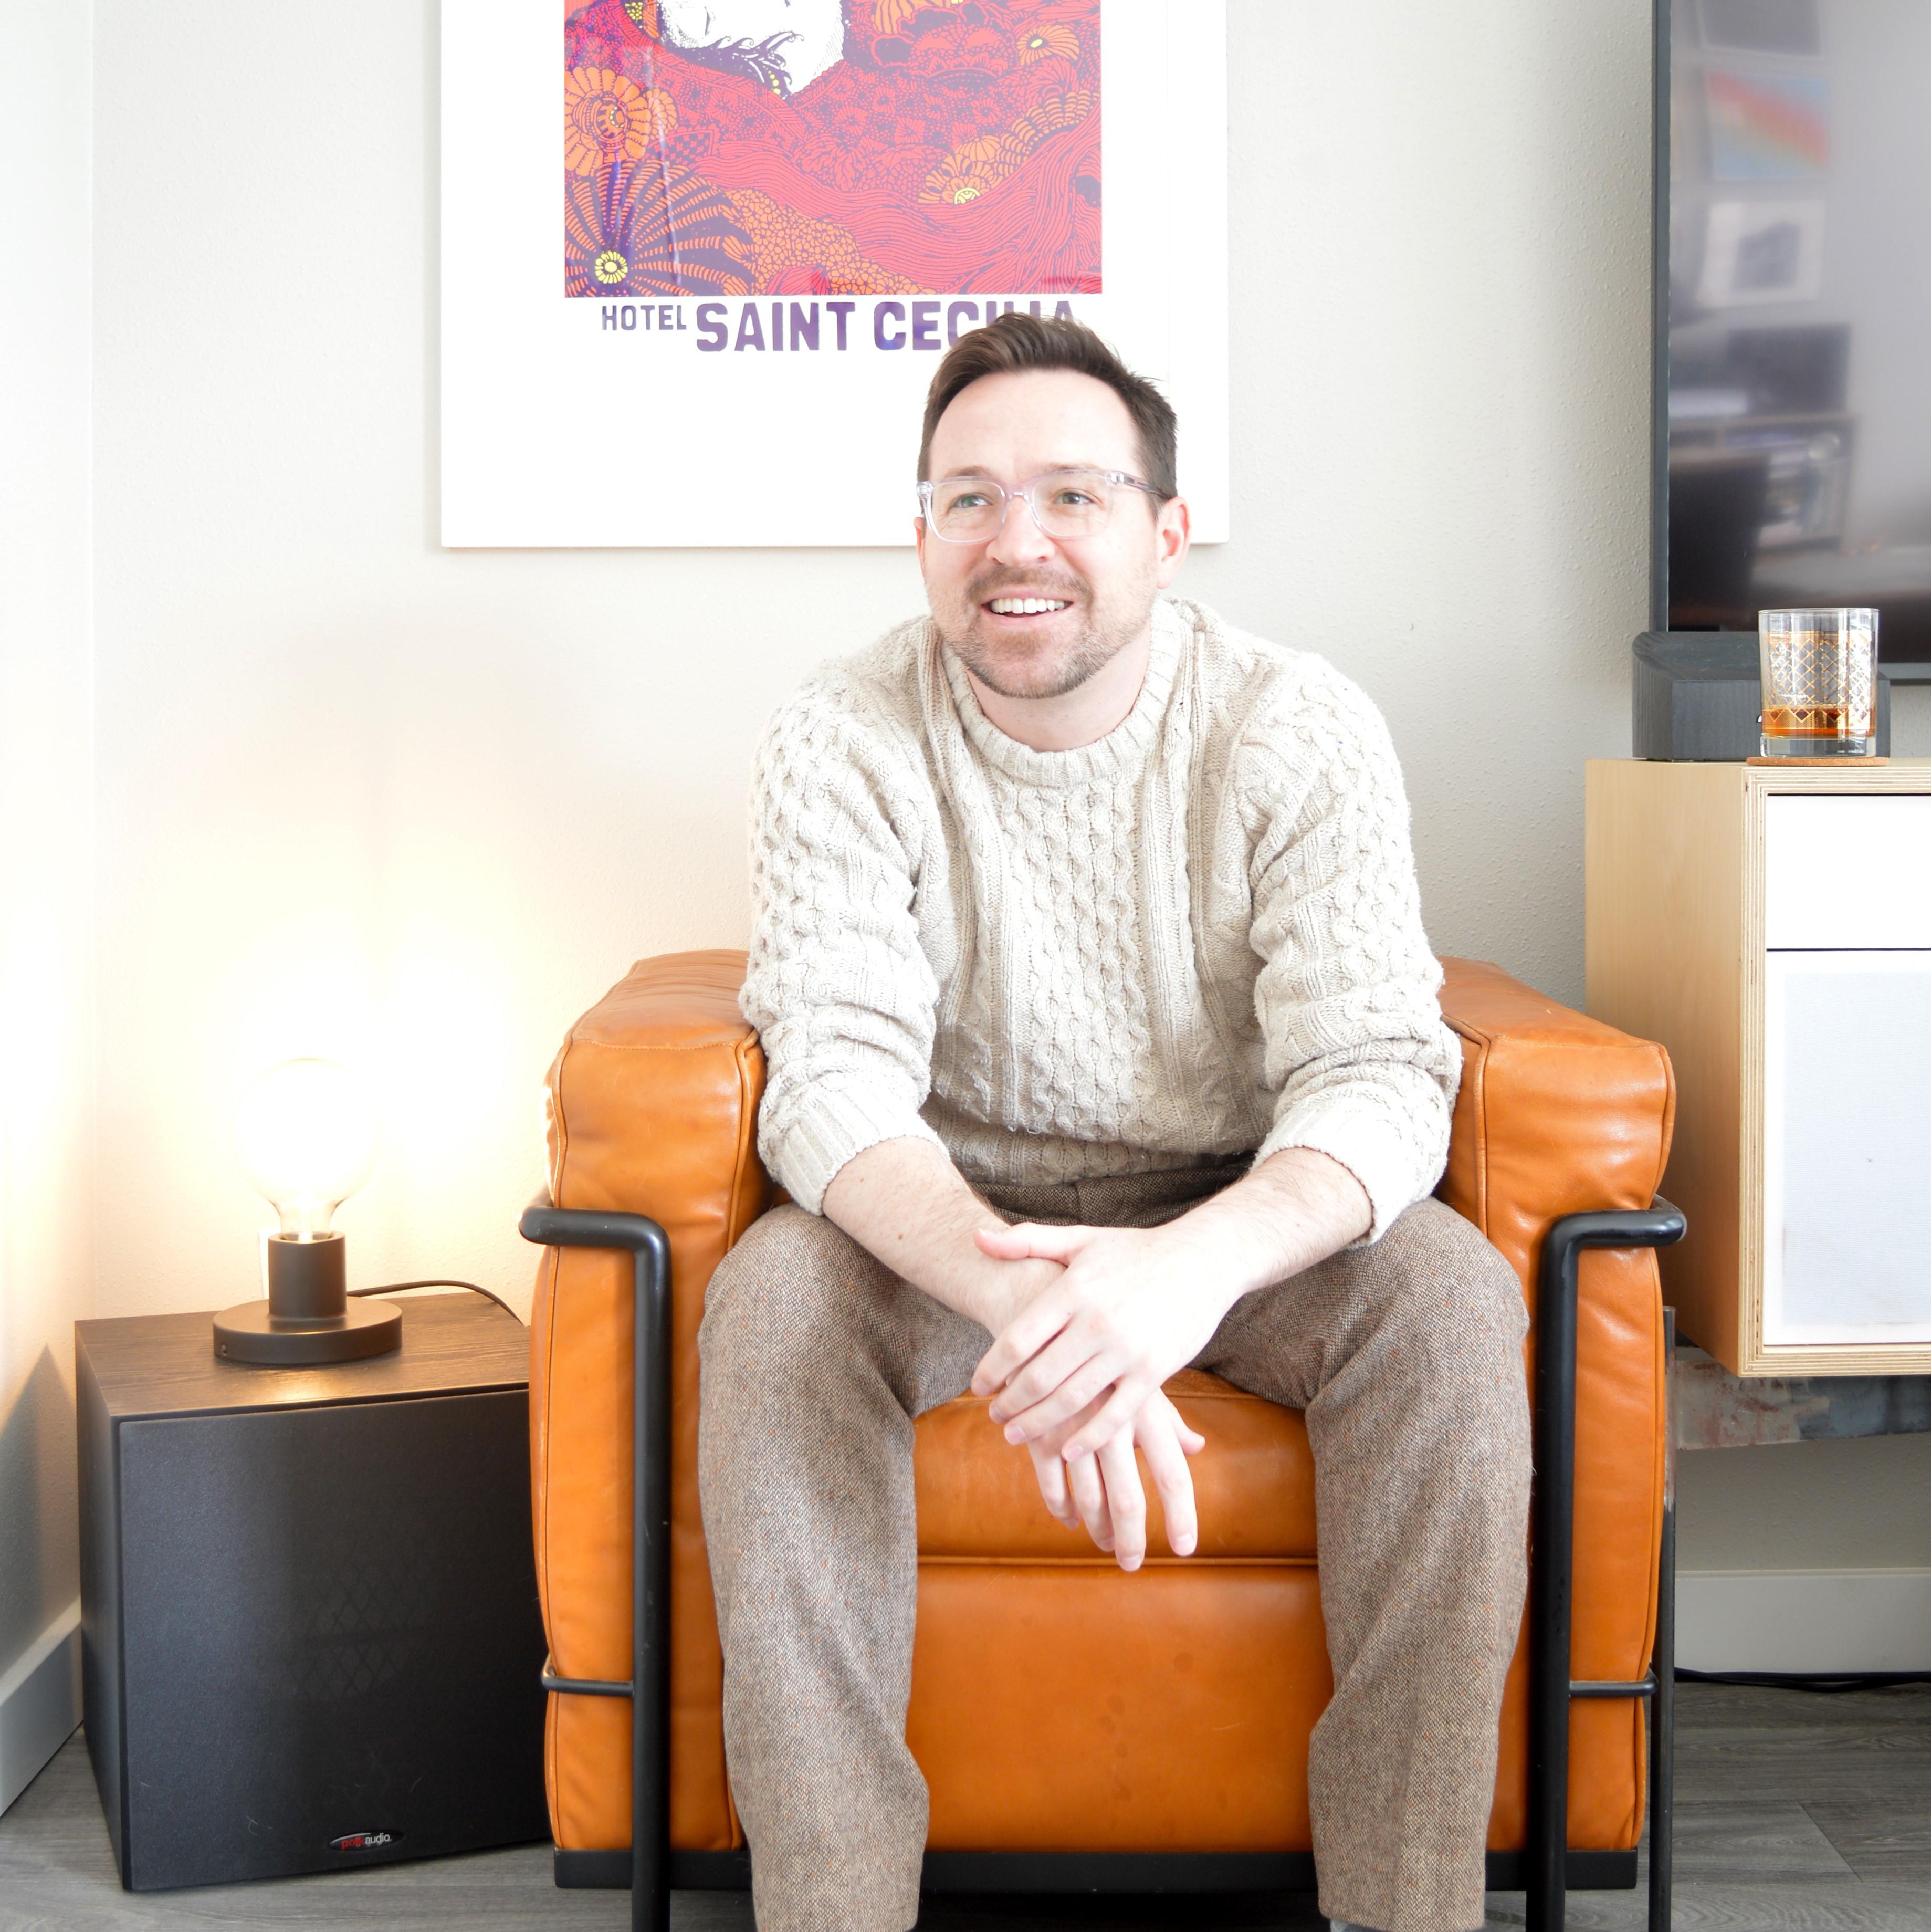 Cory Olsen